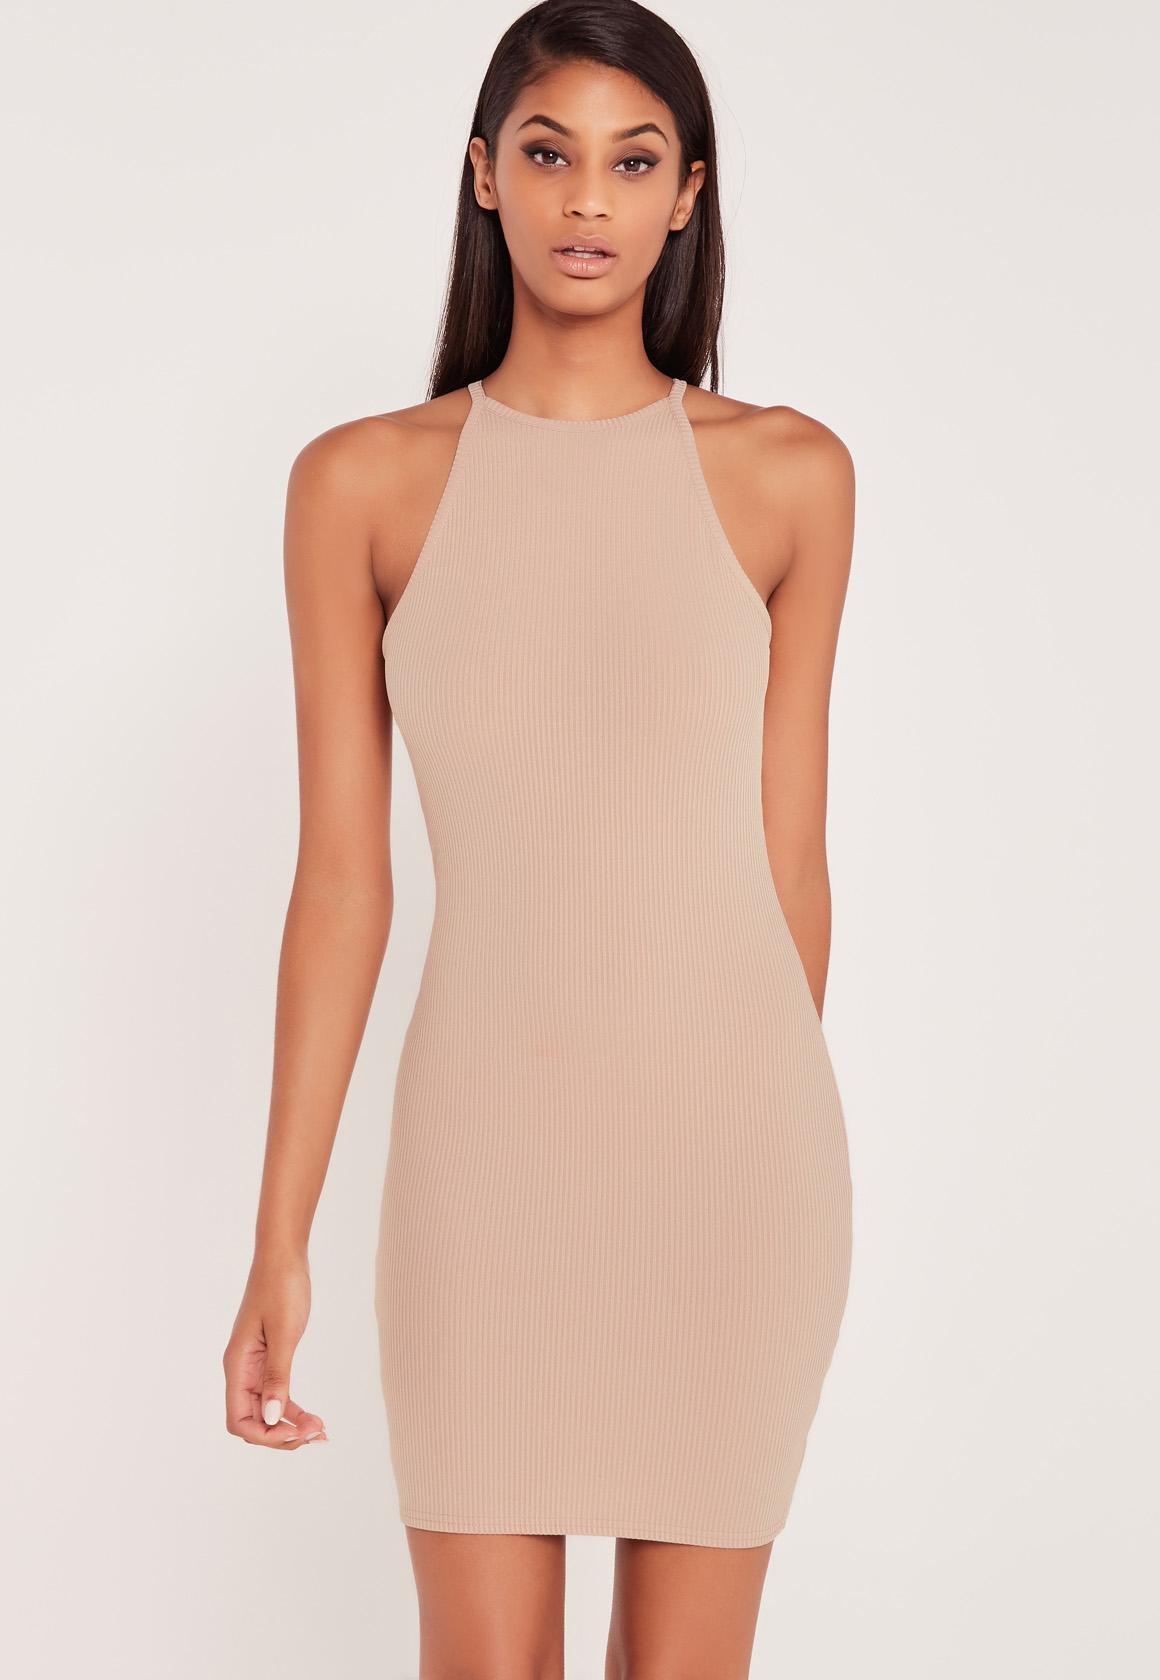 Carli Bybel – Geripptes figurbetontes Kleid mit geradem Ausschnitt ...